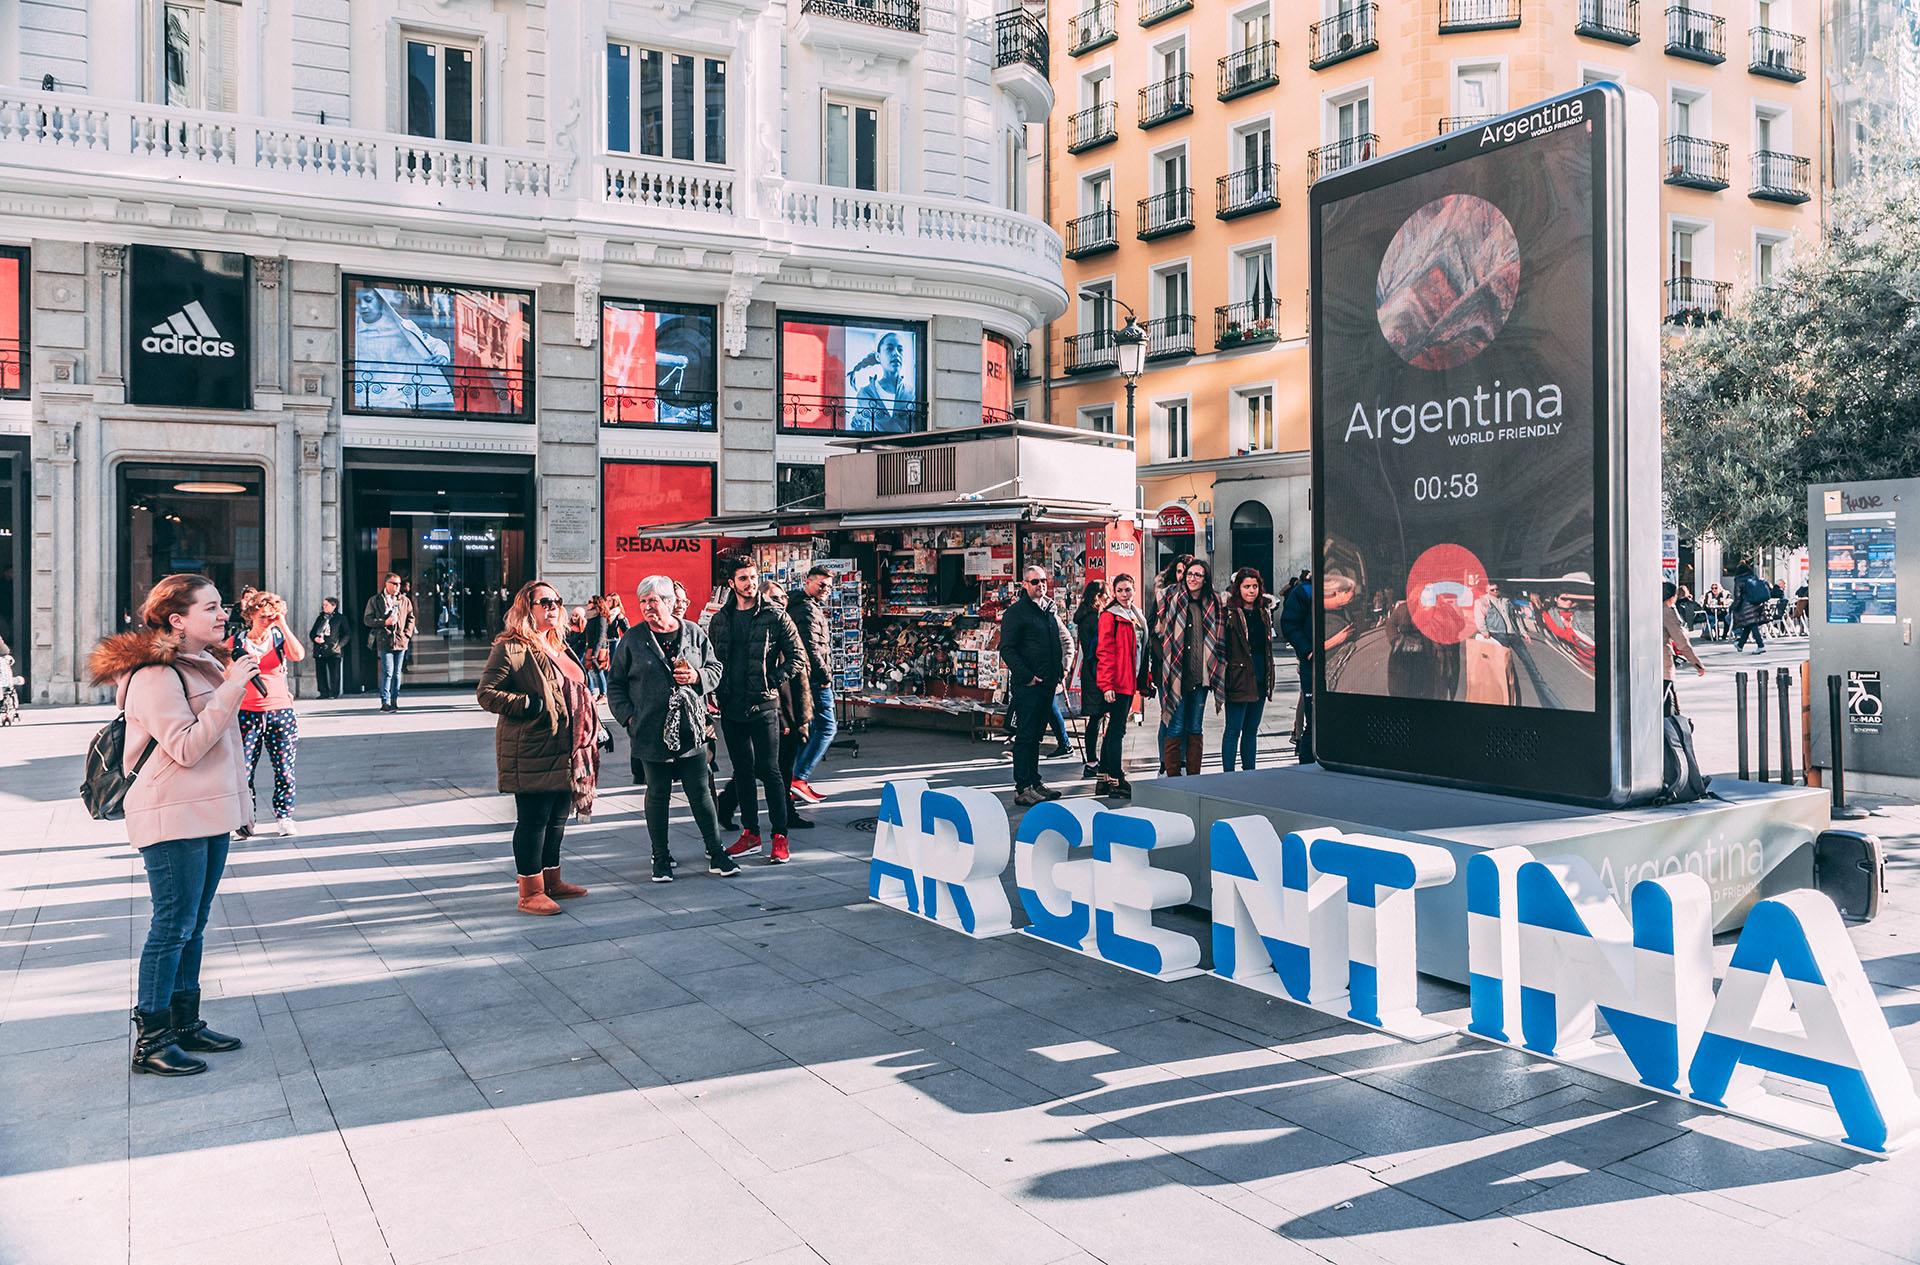 """""""Argentina se está promocionando de una manera innovadora. Buscamos nuevos recursos para sorprender a los potenciales turistas y entusiasmarlos para visitar nuestro país"""", dijo el ministro de Turismo de la Nación, Gustavo Santos."""